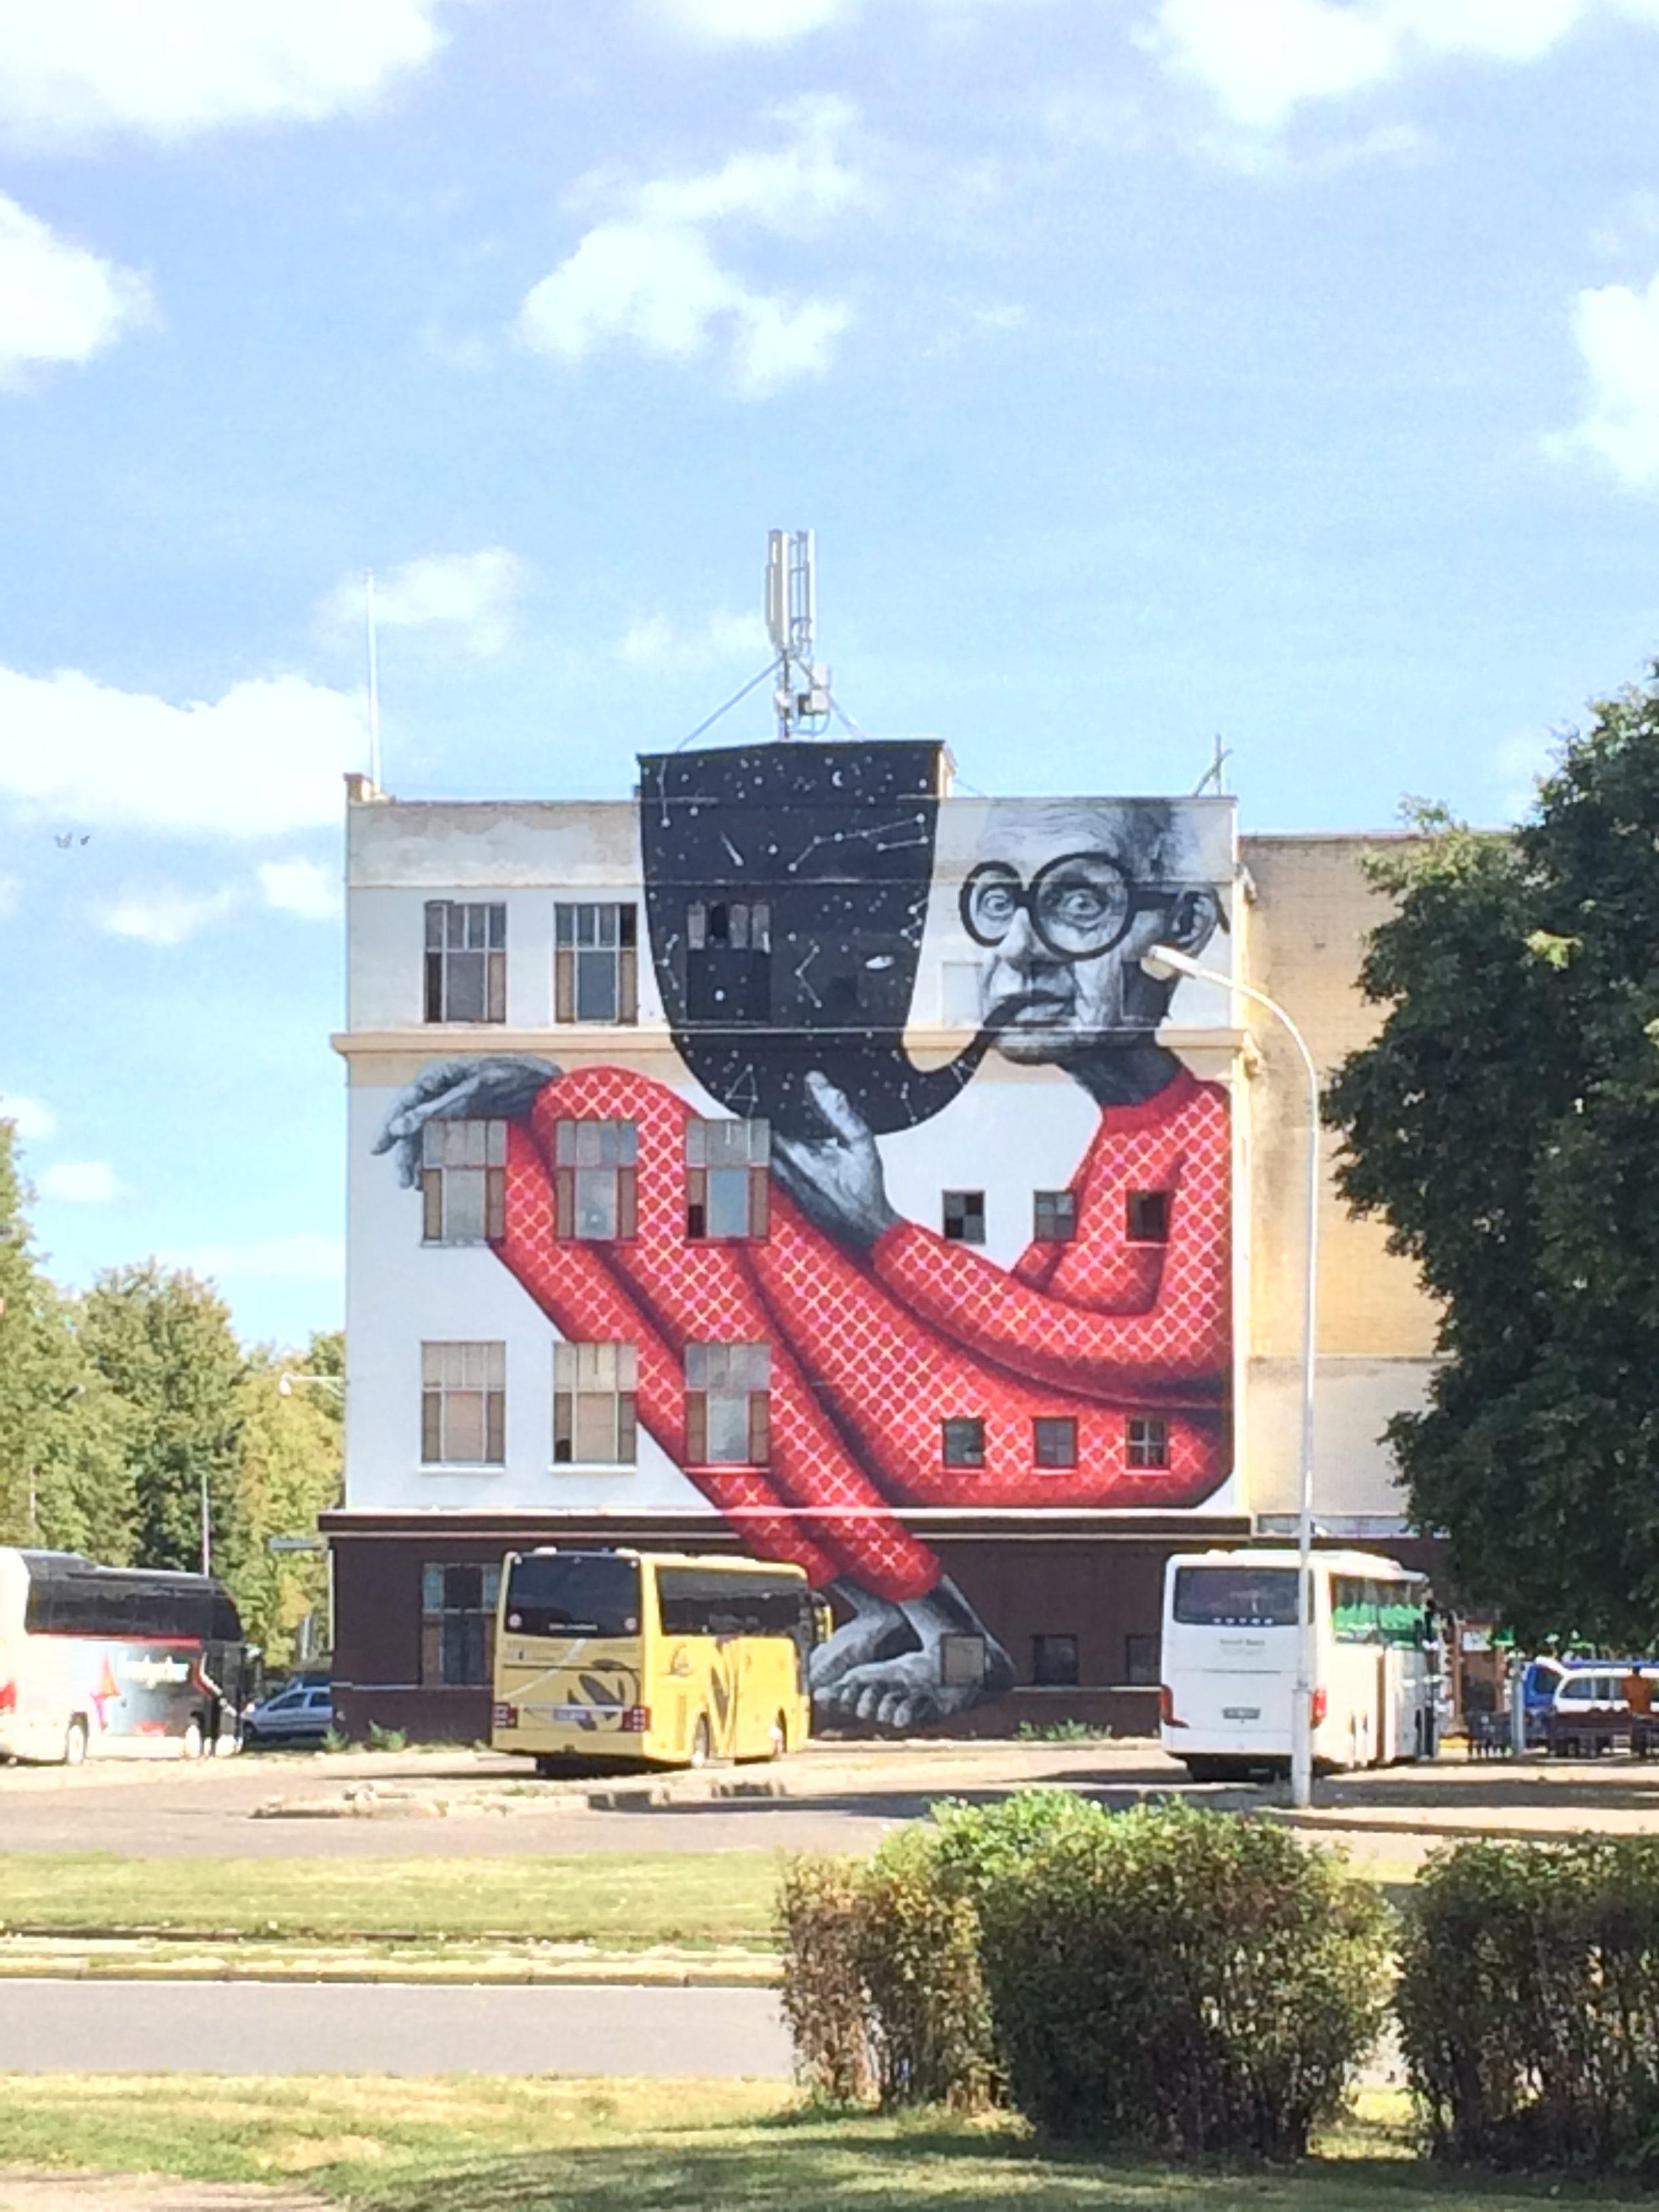 建物に描かれたストリートアート